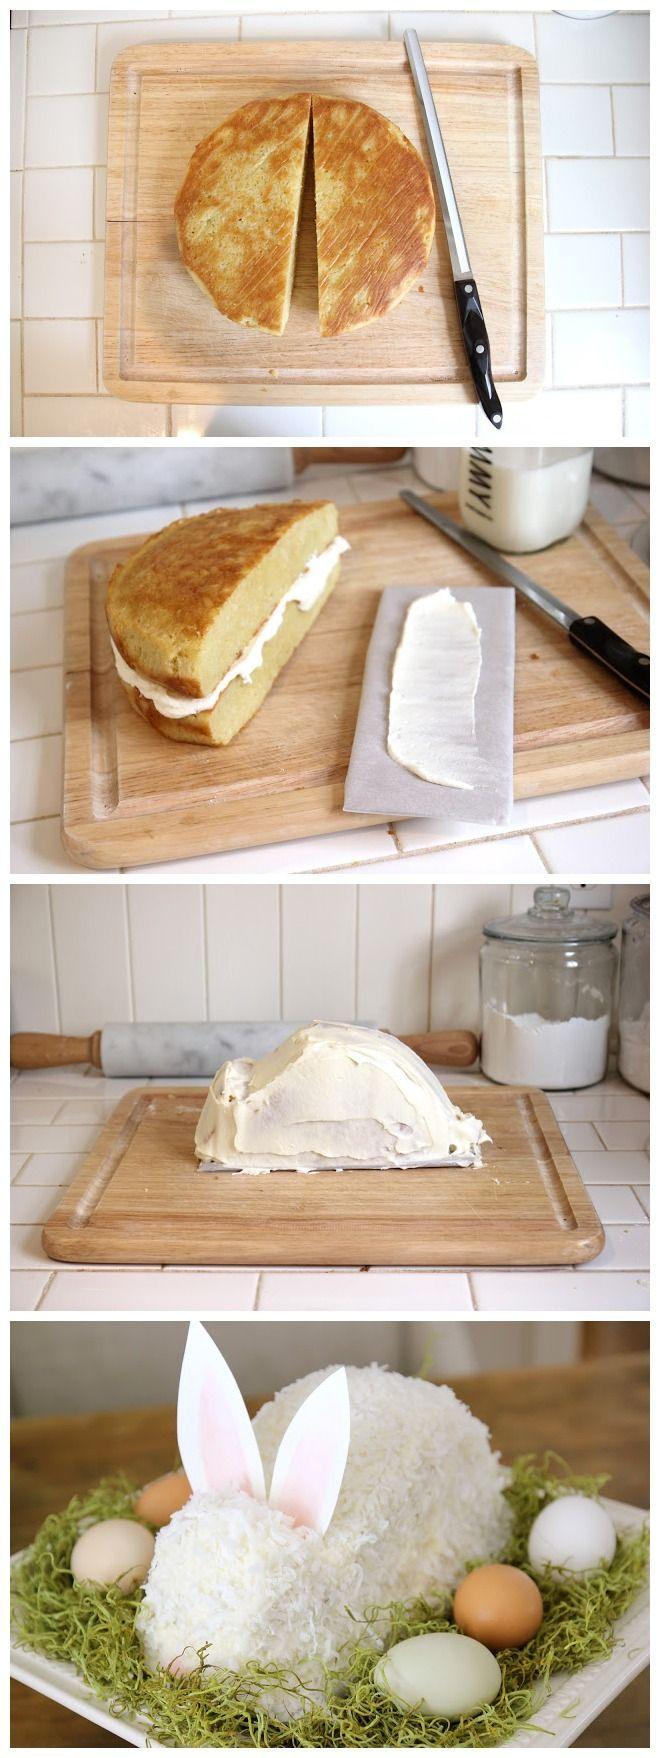 Osterhasenkuchen - garnicht so schwer nachzumachen, wenn man weiß, wie ;-)